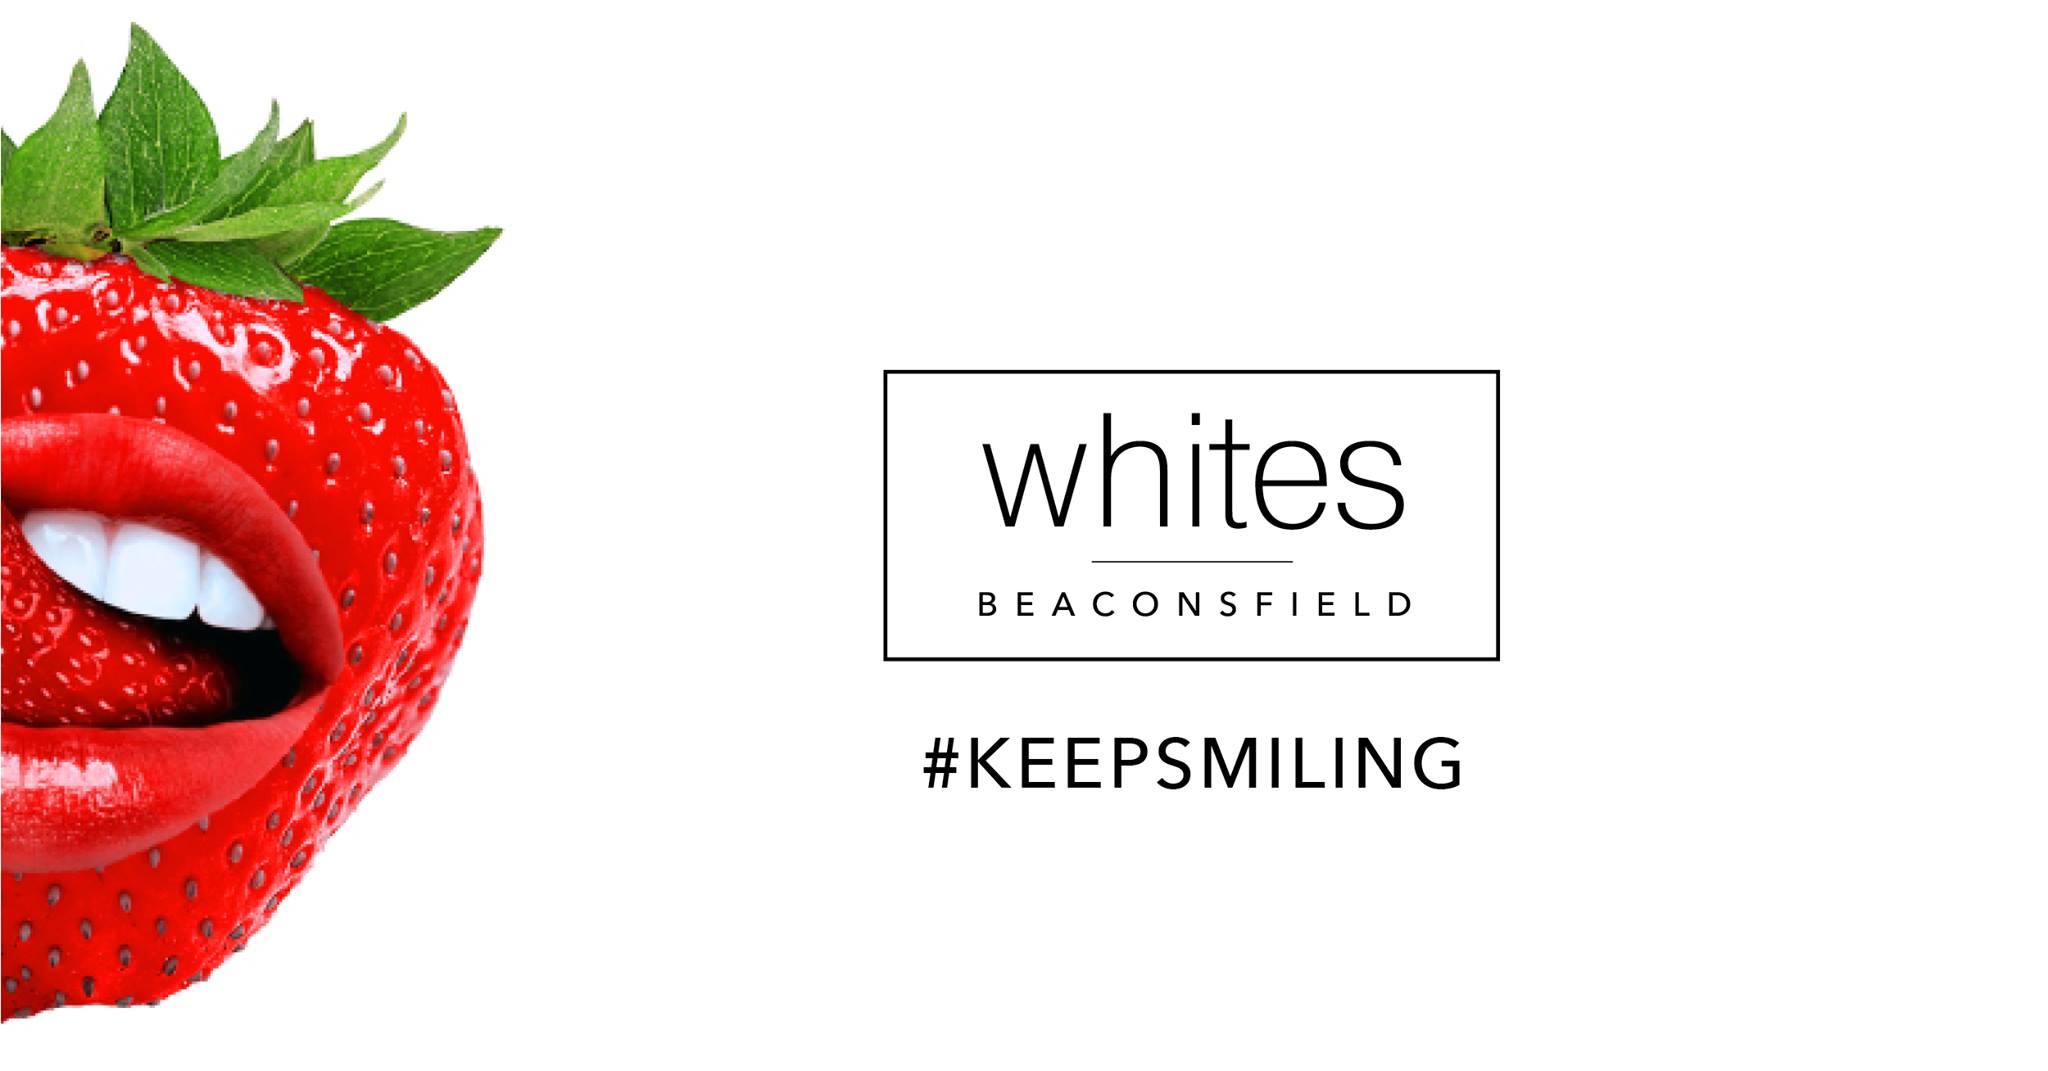 Whites Beaconsfield